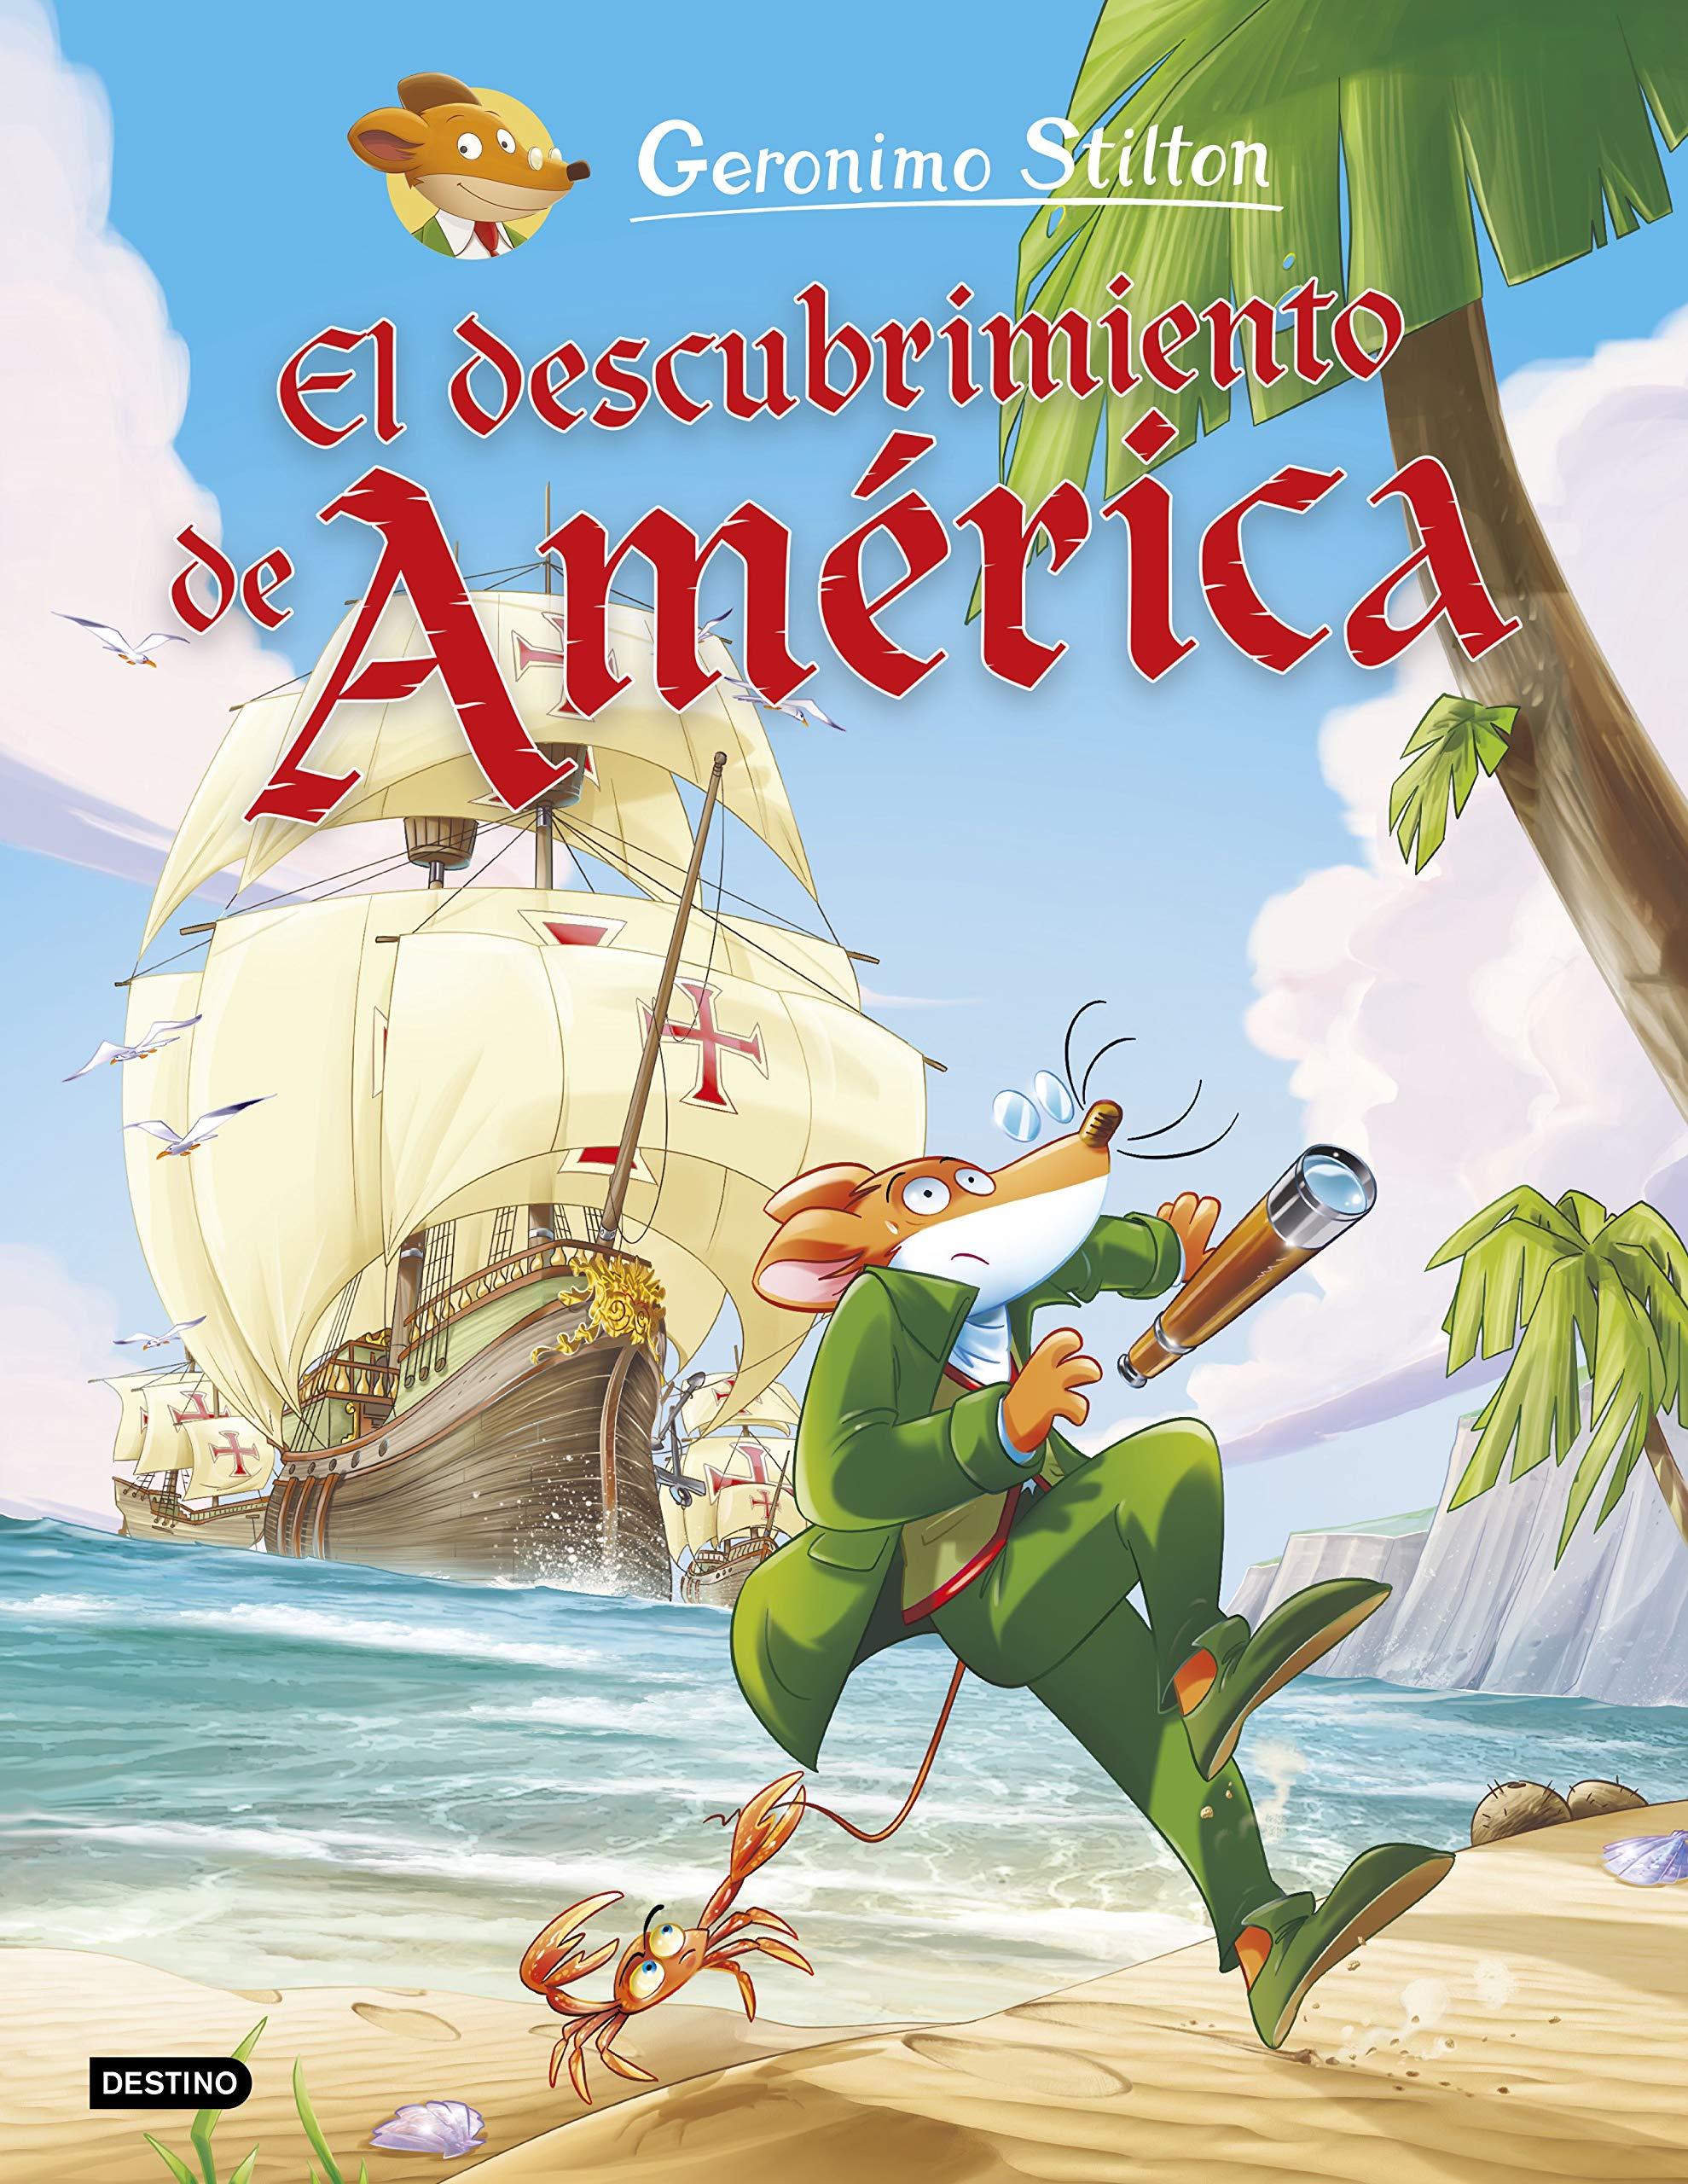 El descubrimiento de América (Geronimo Stilton): Amazon.es: Stilton, Geronimo, Manzano, Manuel: Libros